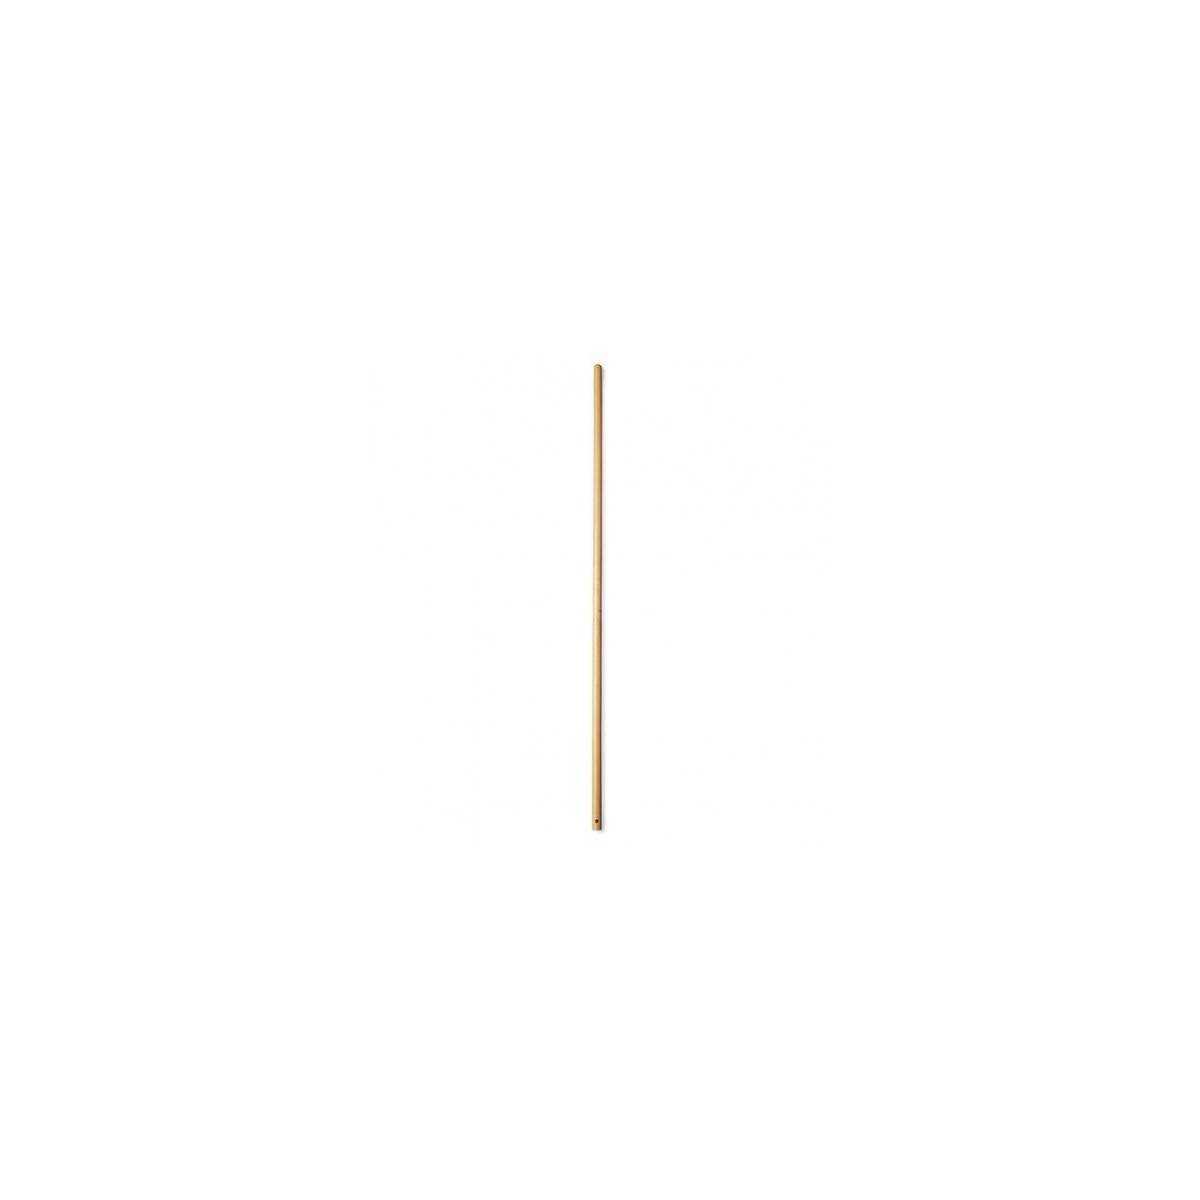 Рукоятка деревянная с отверстием 145 см 00001031 APEX - Fratelli Re SpA